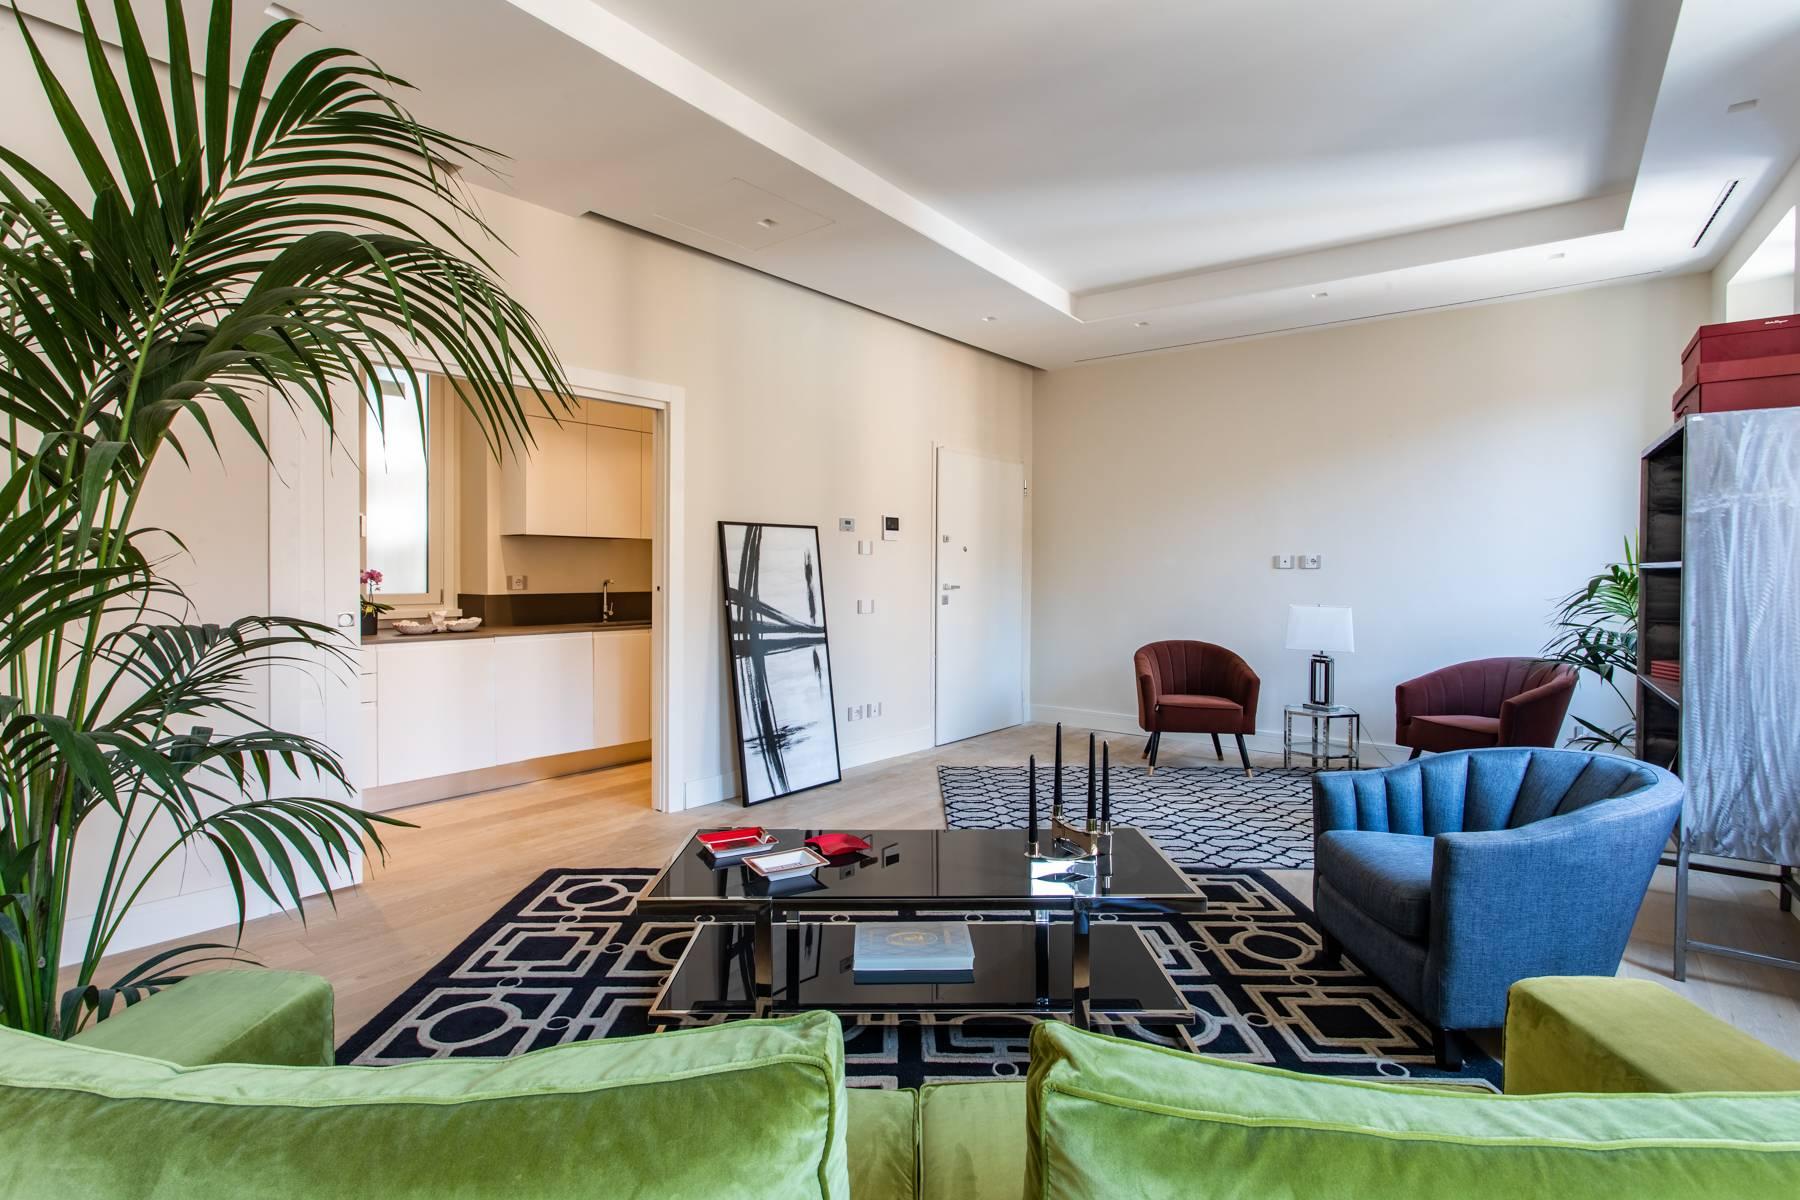 Appartamento in Vendita a Roma: 4 locali, 133 mq - Foto 5